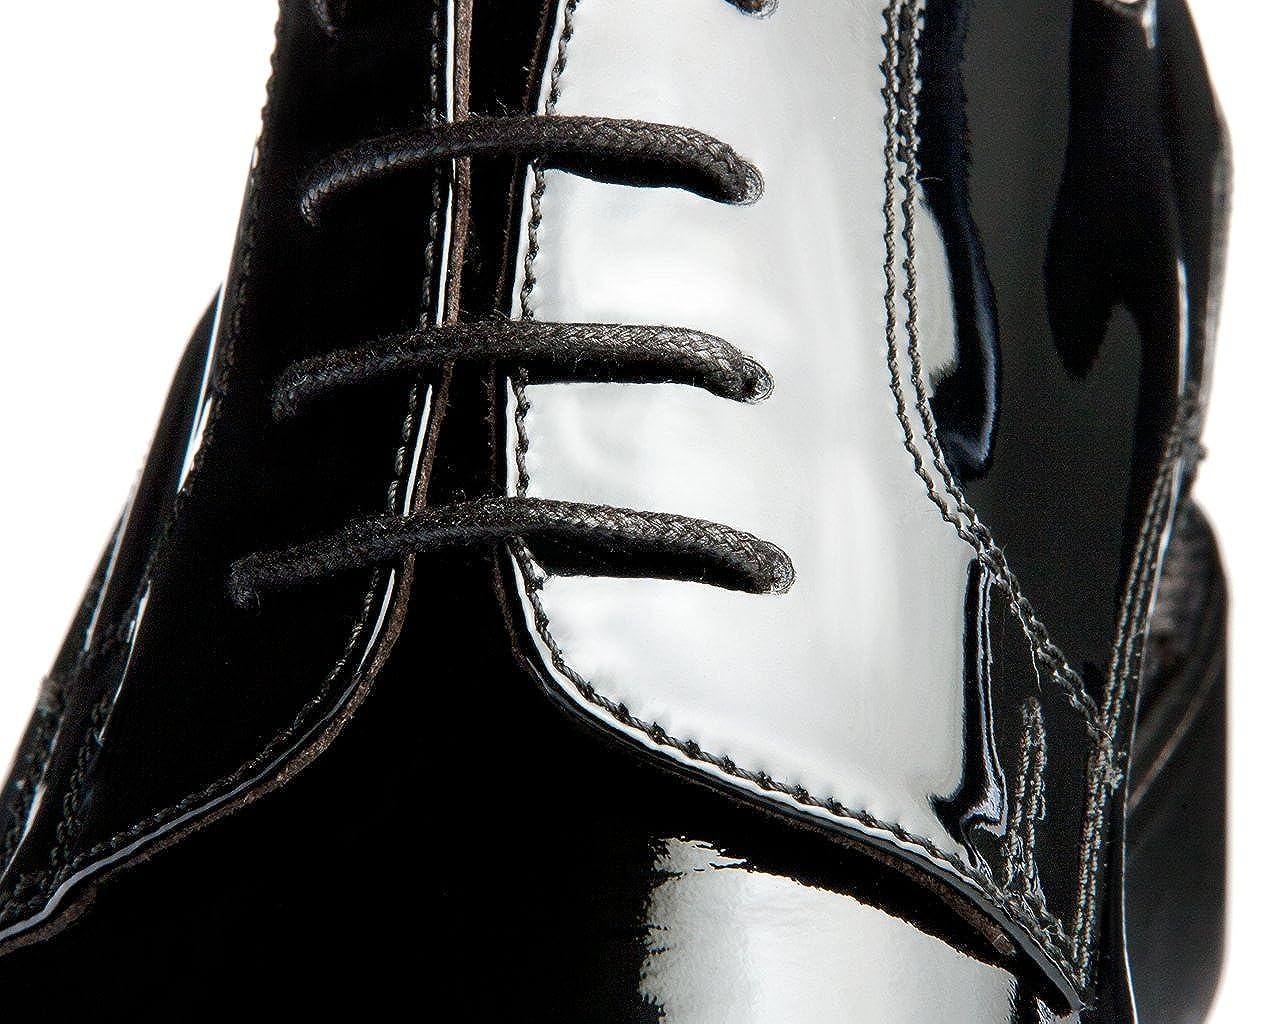 GuidoMaggi - Mocasines, elegantes, con alza de 7.5 cm - LEUCA - Negro - Talla 43 EU: Amazon.es: Zapatos y complementos